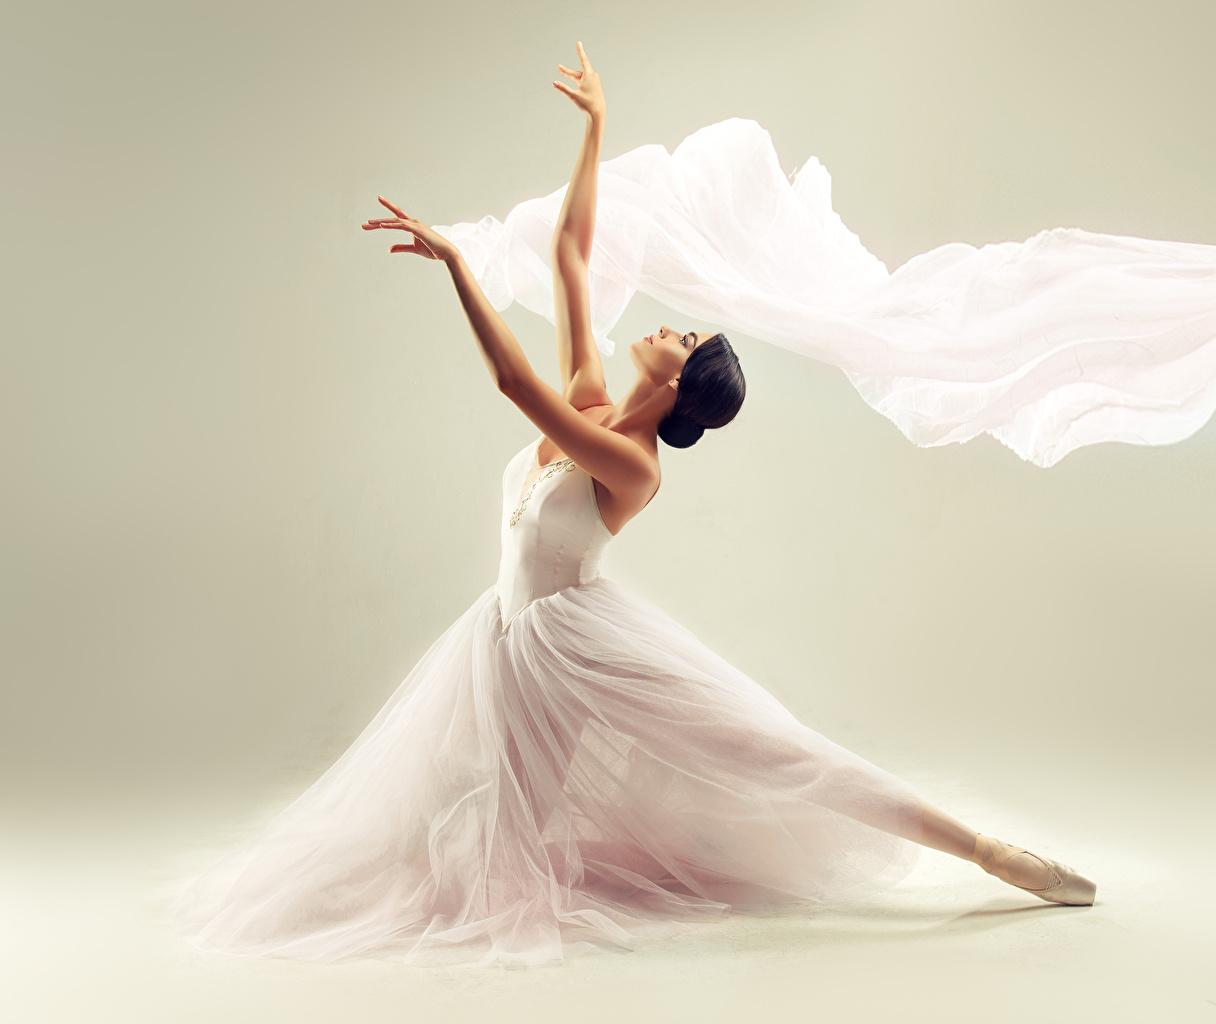 Wallpaper Brunette girl Ballet Girls Hands Dress gown frock